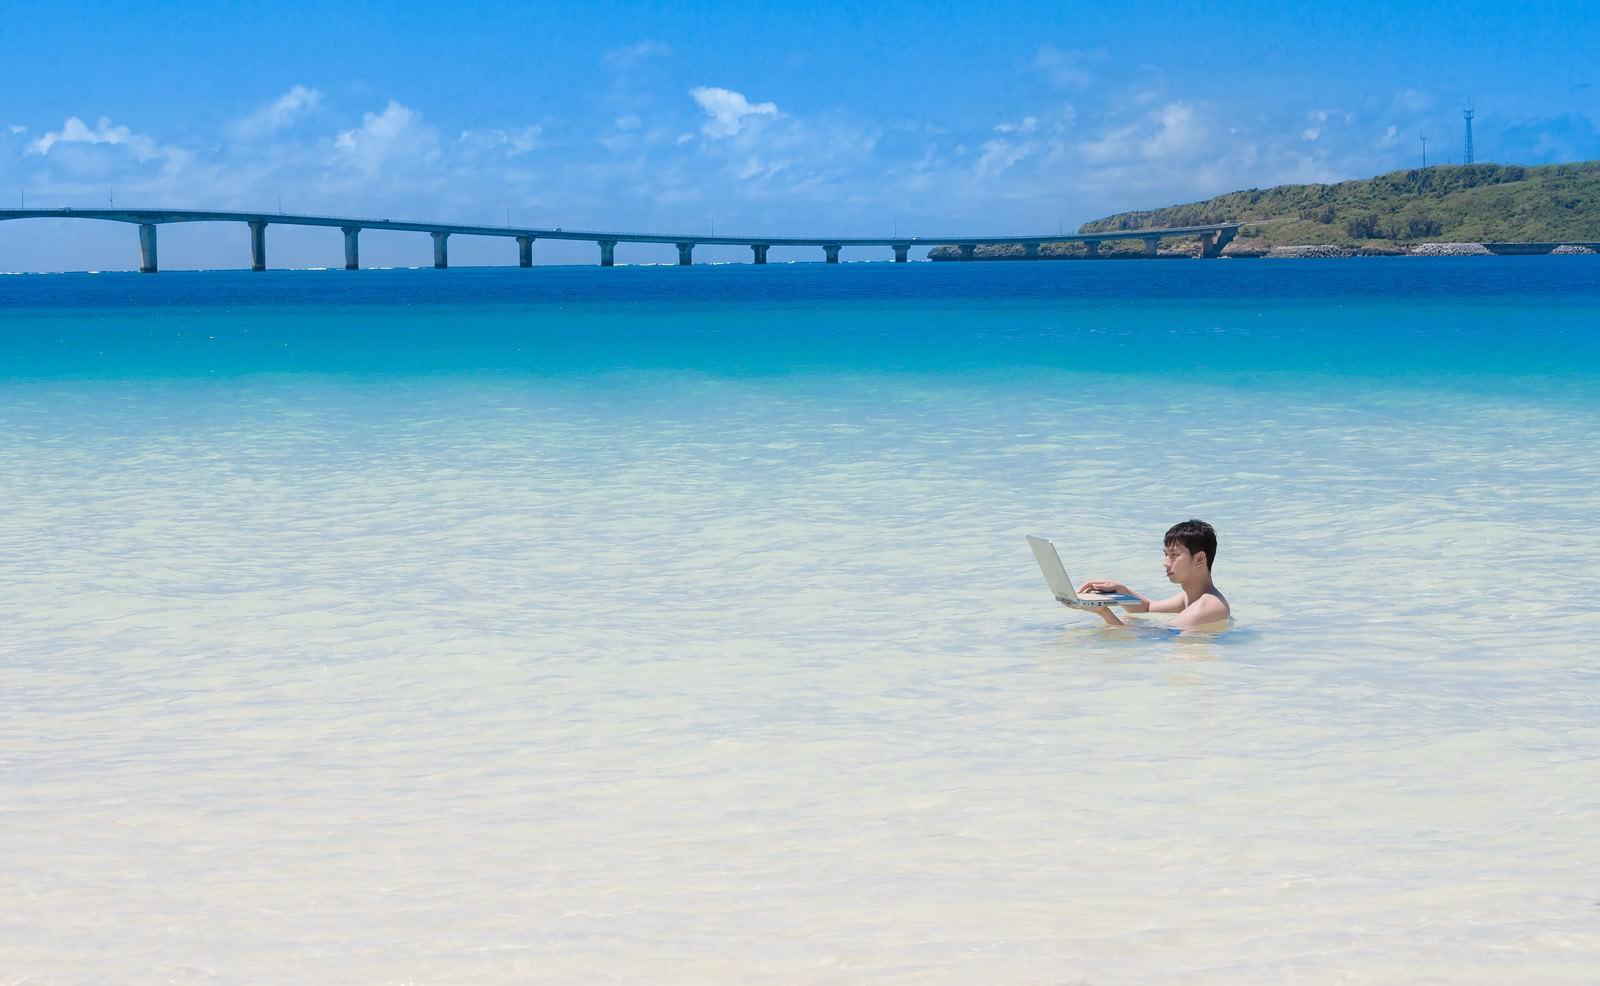 「来間島をバックに、海水浴中も即座にメールの返信をする意識高いIT戦士」の写真[モデル:大川竜弥]